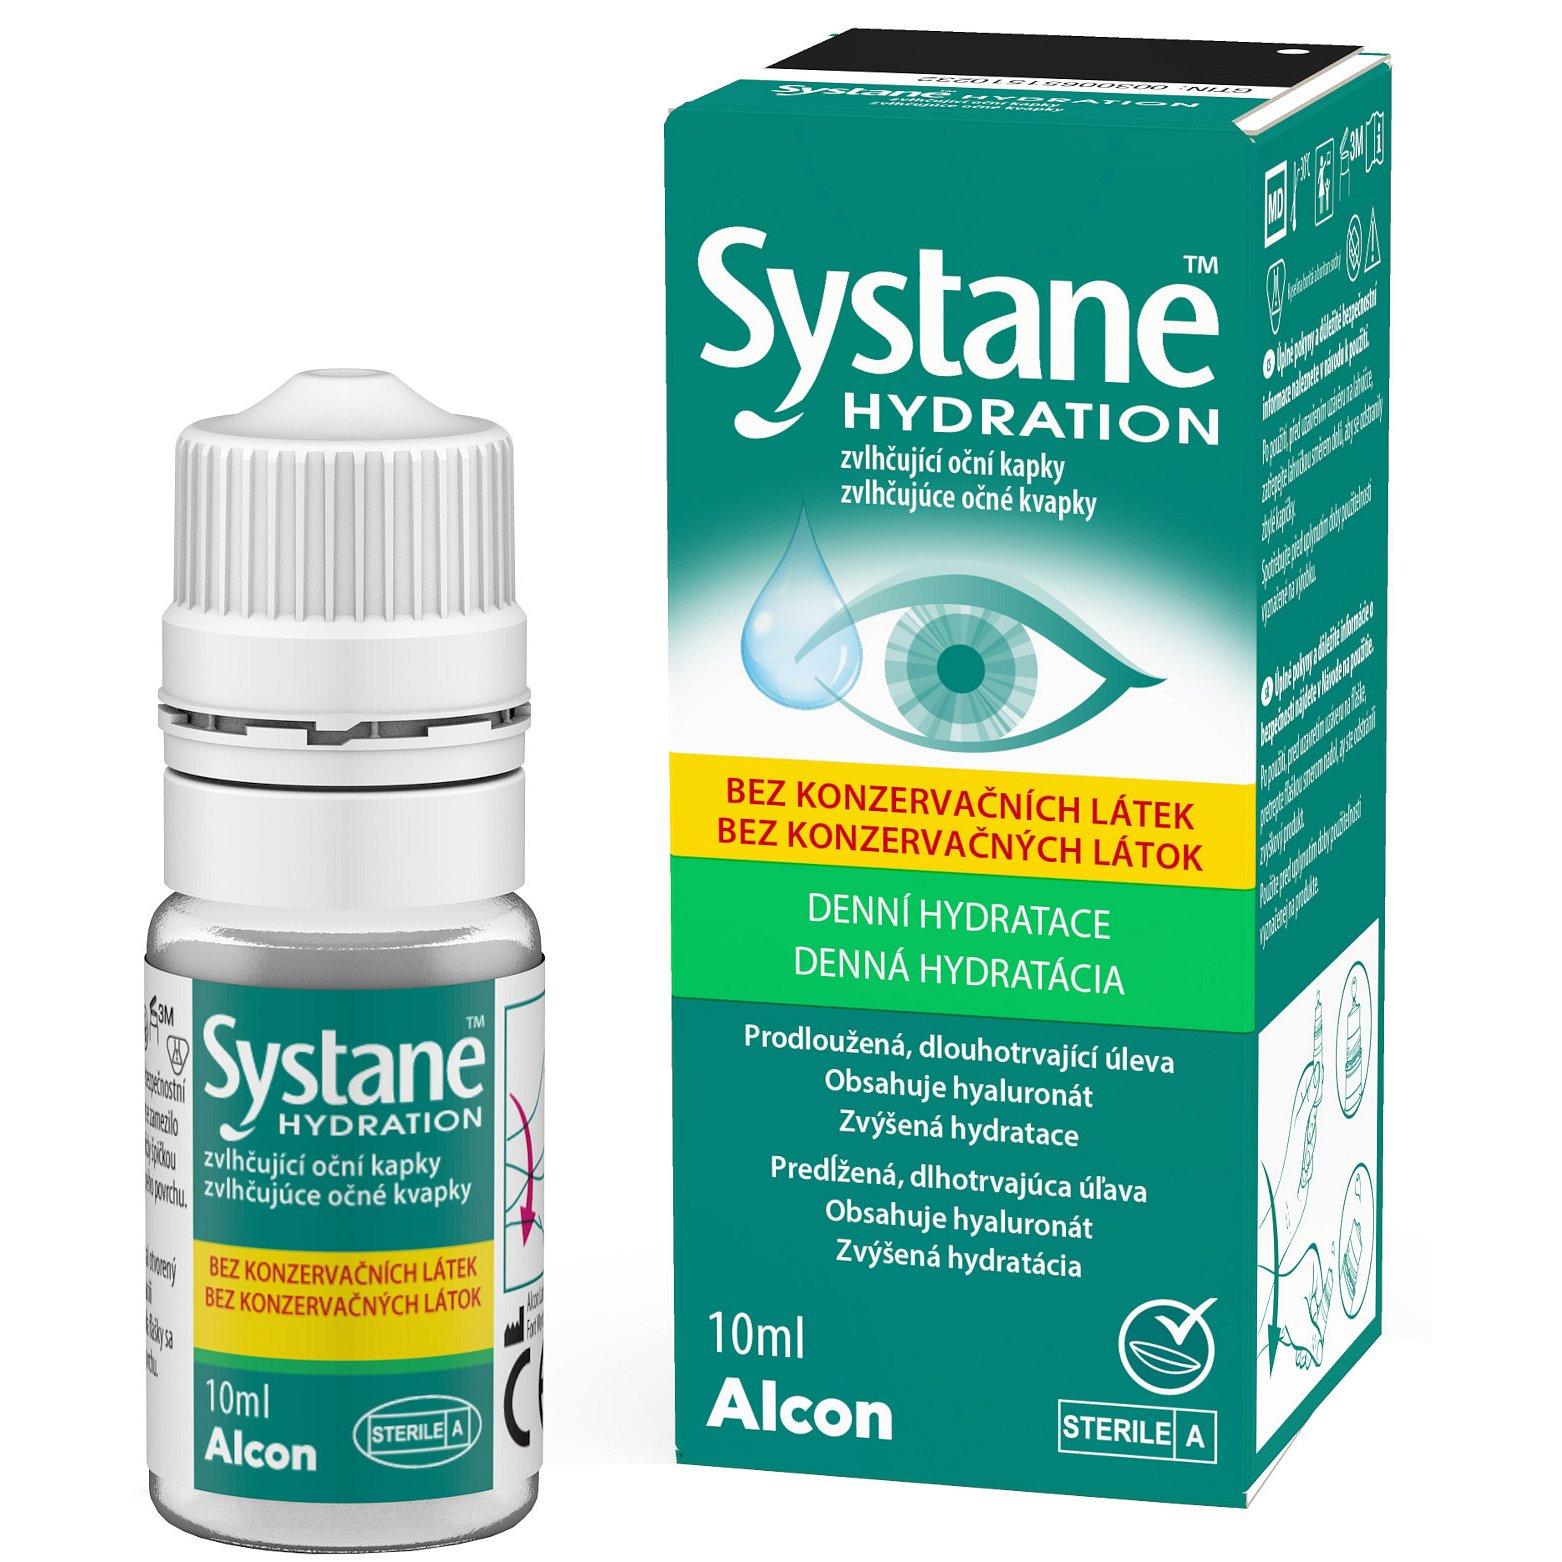 Systane™ HYDRATION Zvlhčující oční kapky bez konzervačních látek 10ml